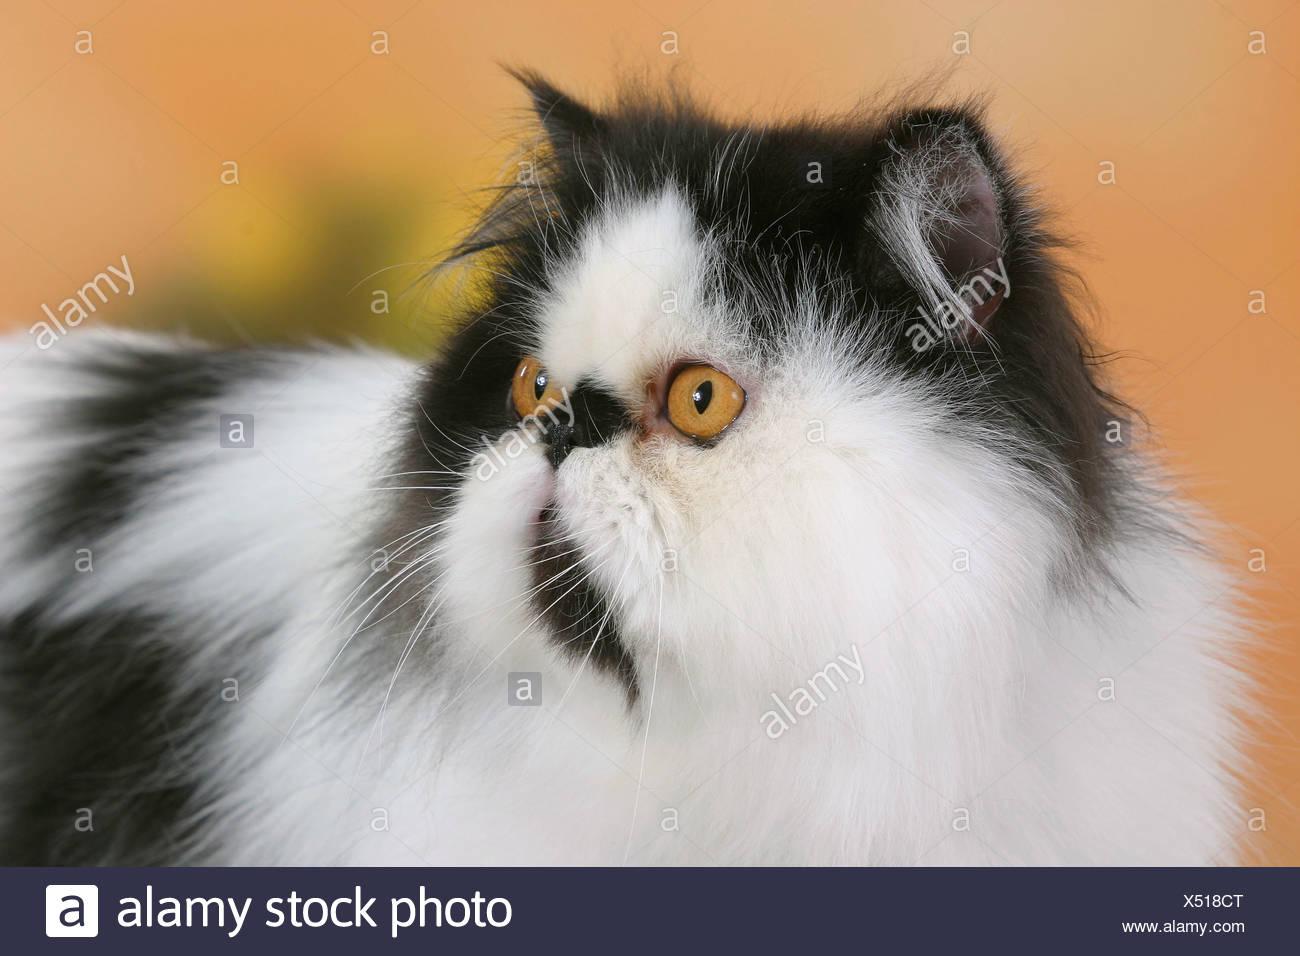 Gatto Persiano Tomcat In Bianco E Nero Foto Immagine Stock